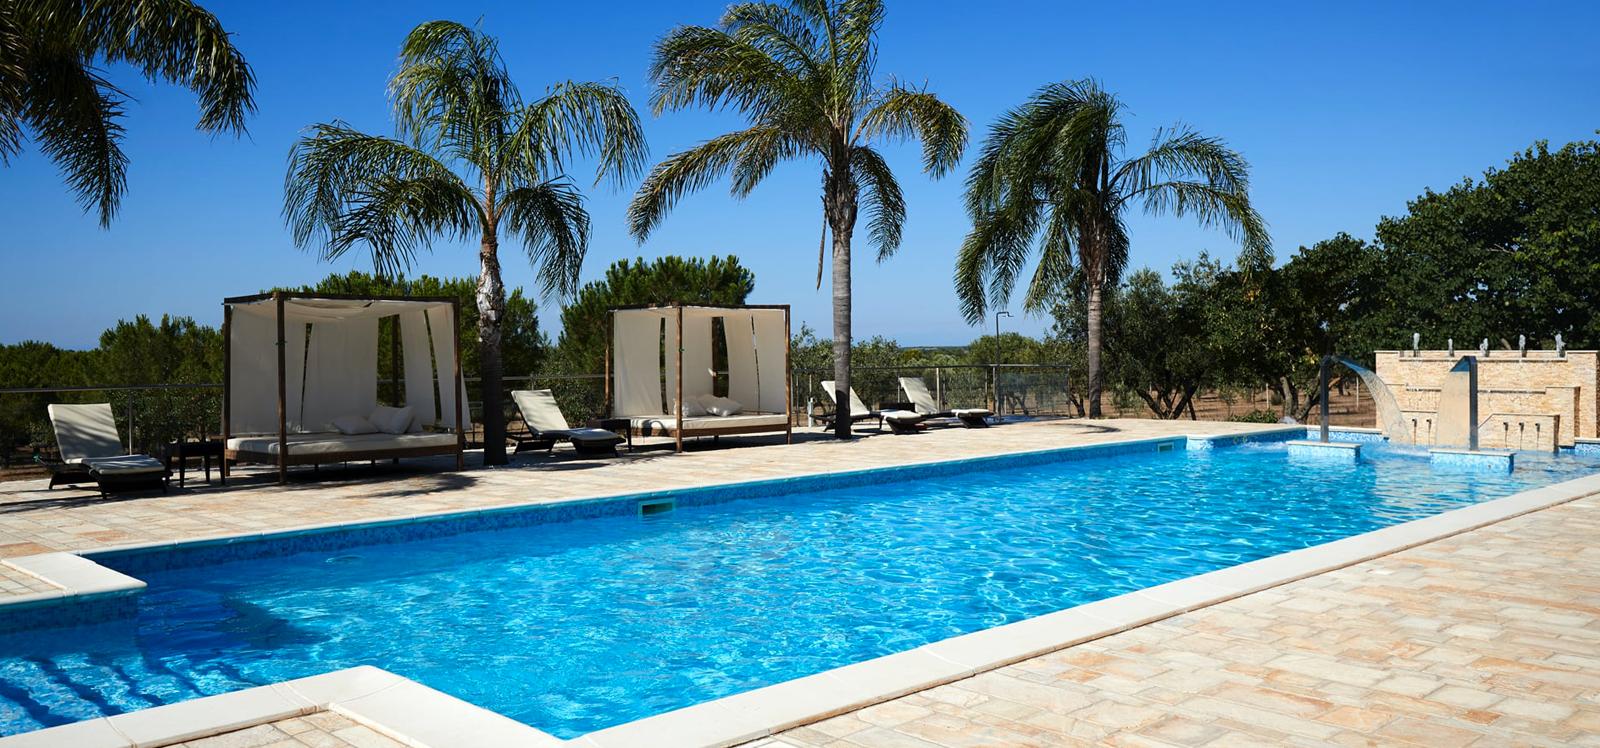 gallery piscina1